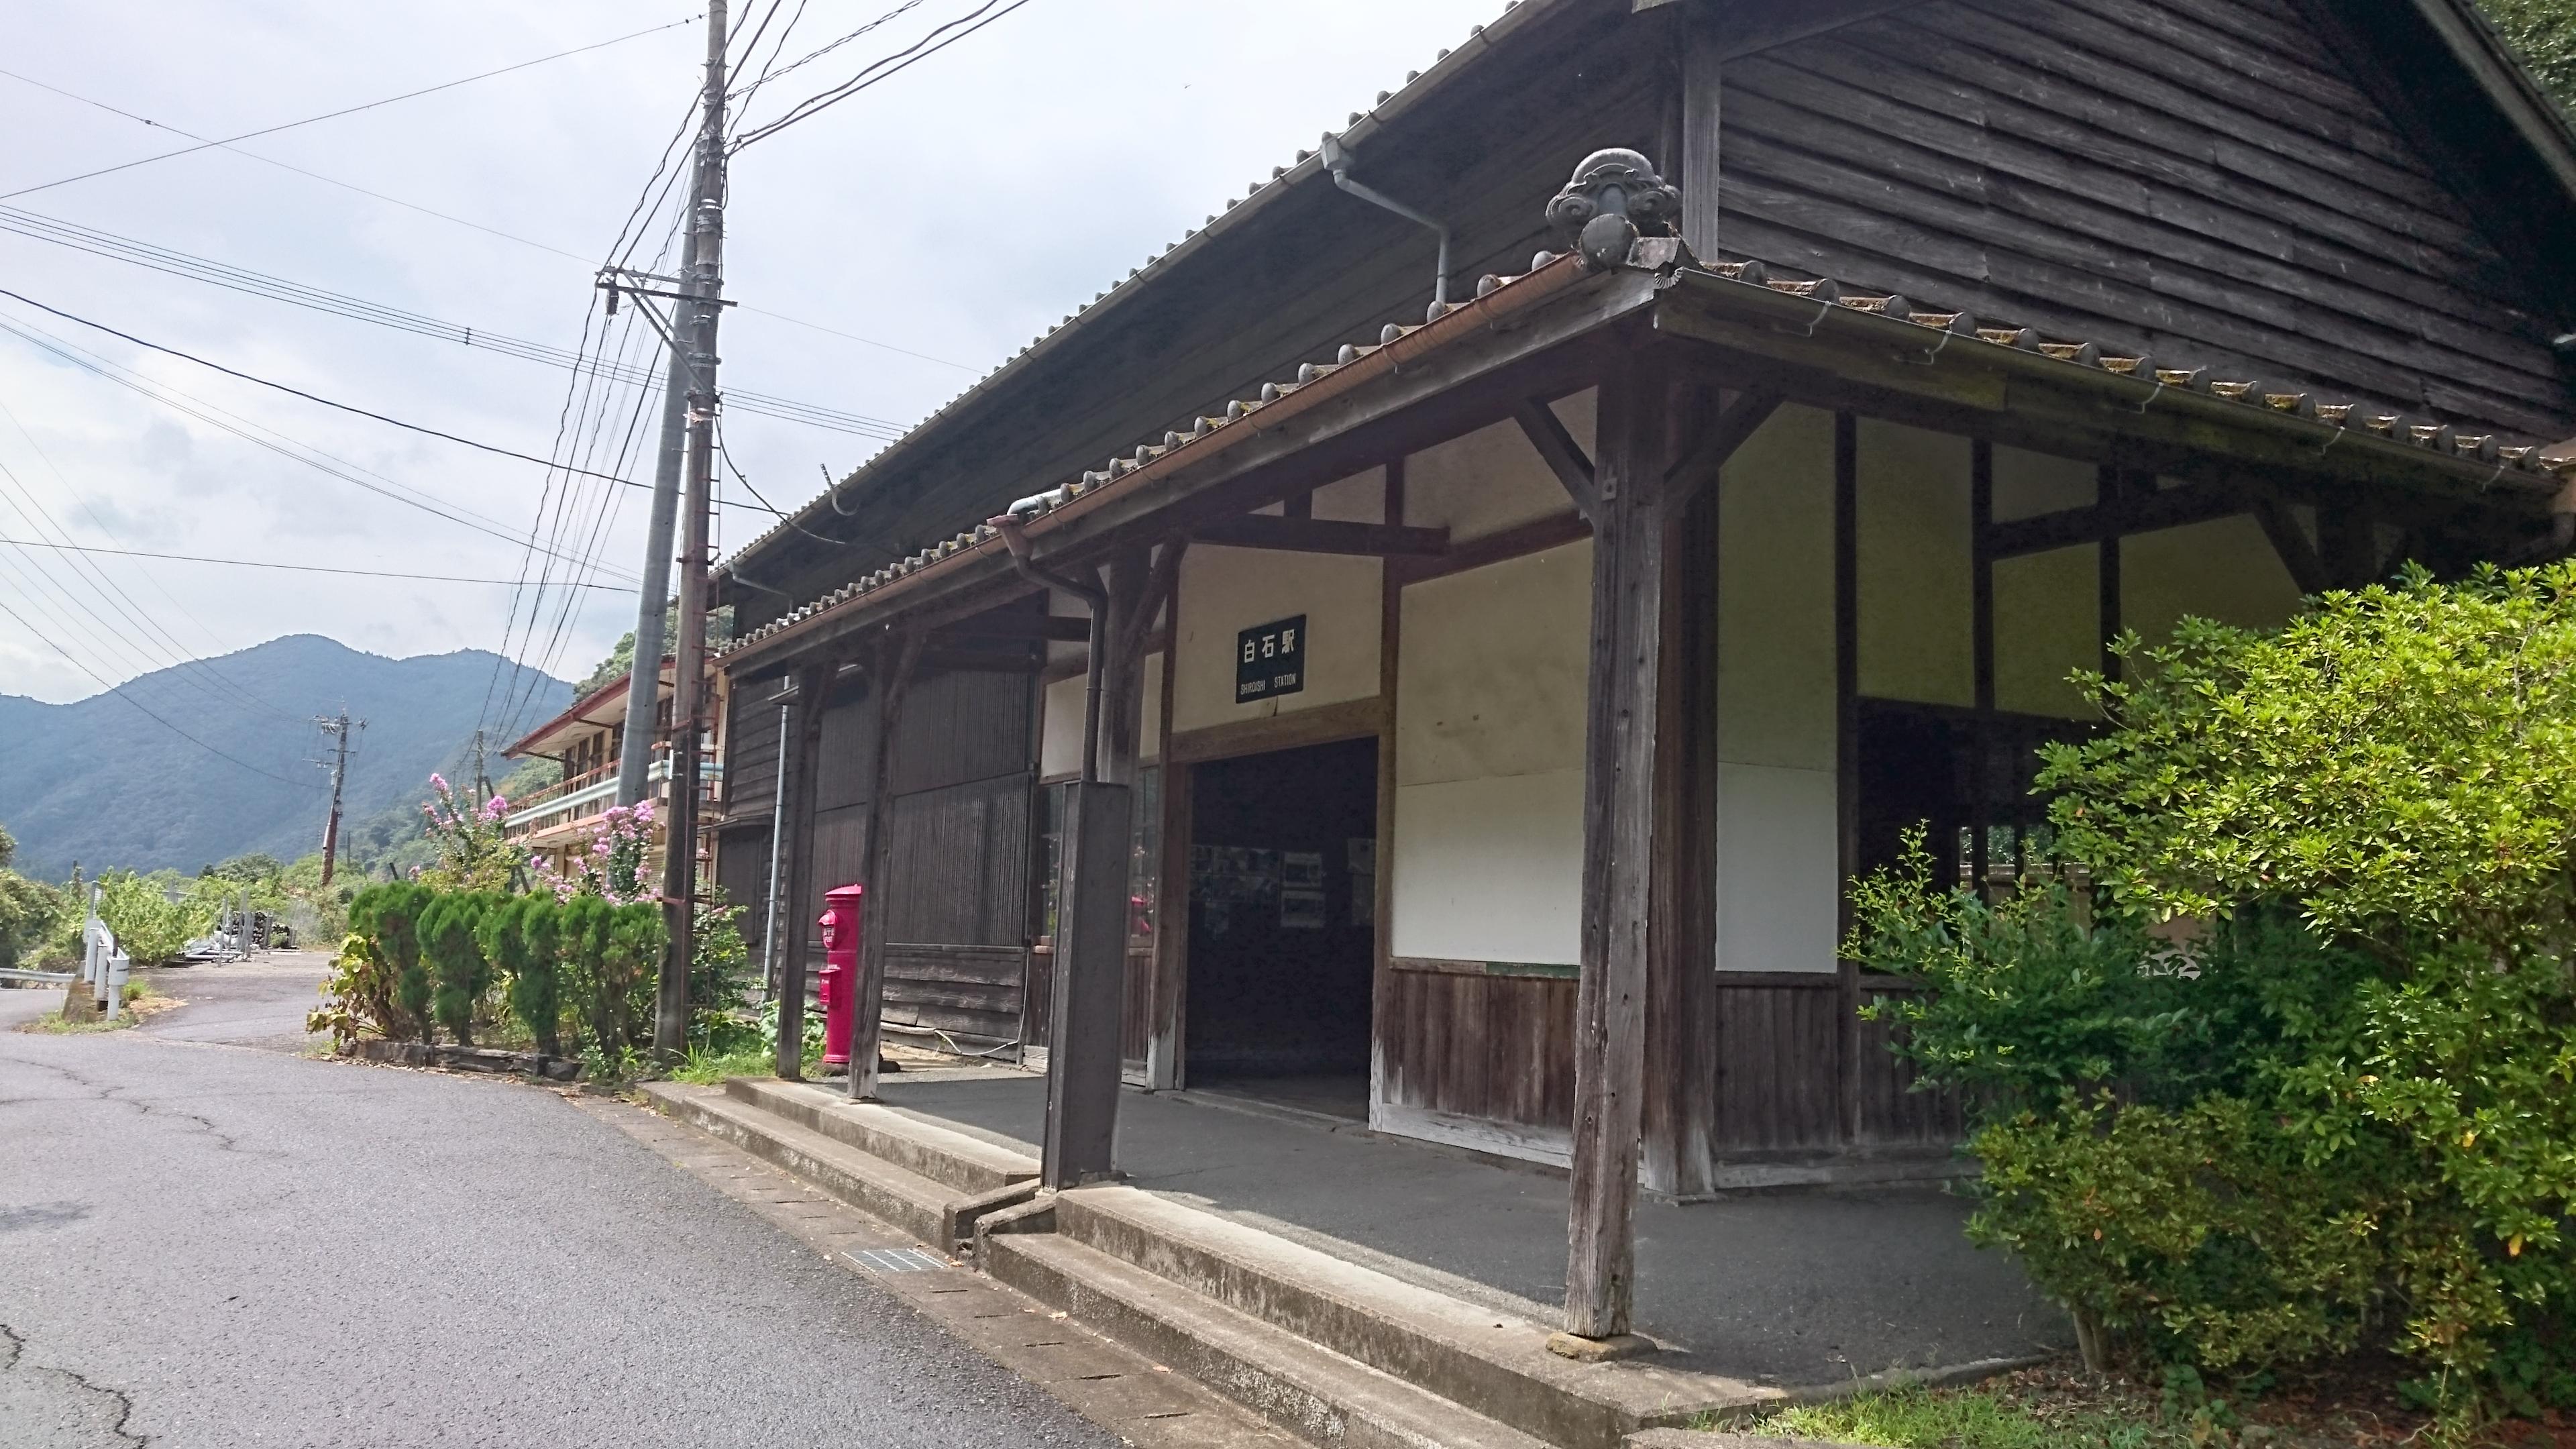 【ガイド】JR白石駅への旅:熊本県葦北郡芦北町